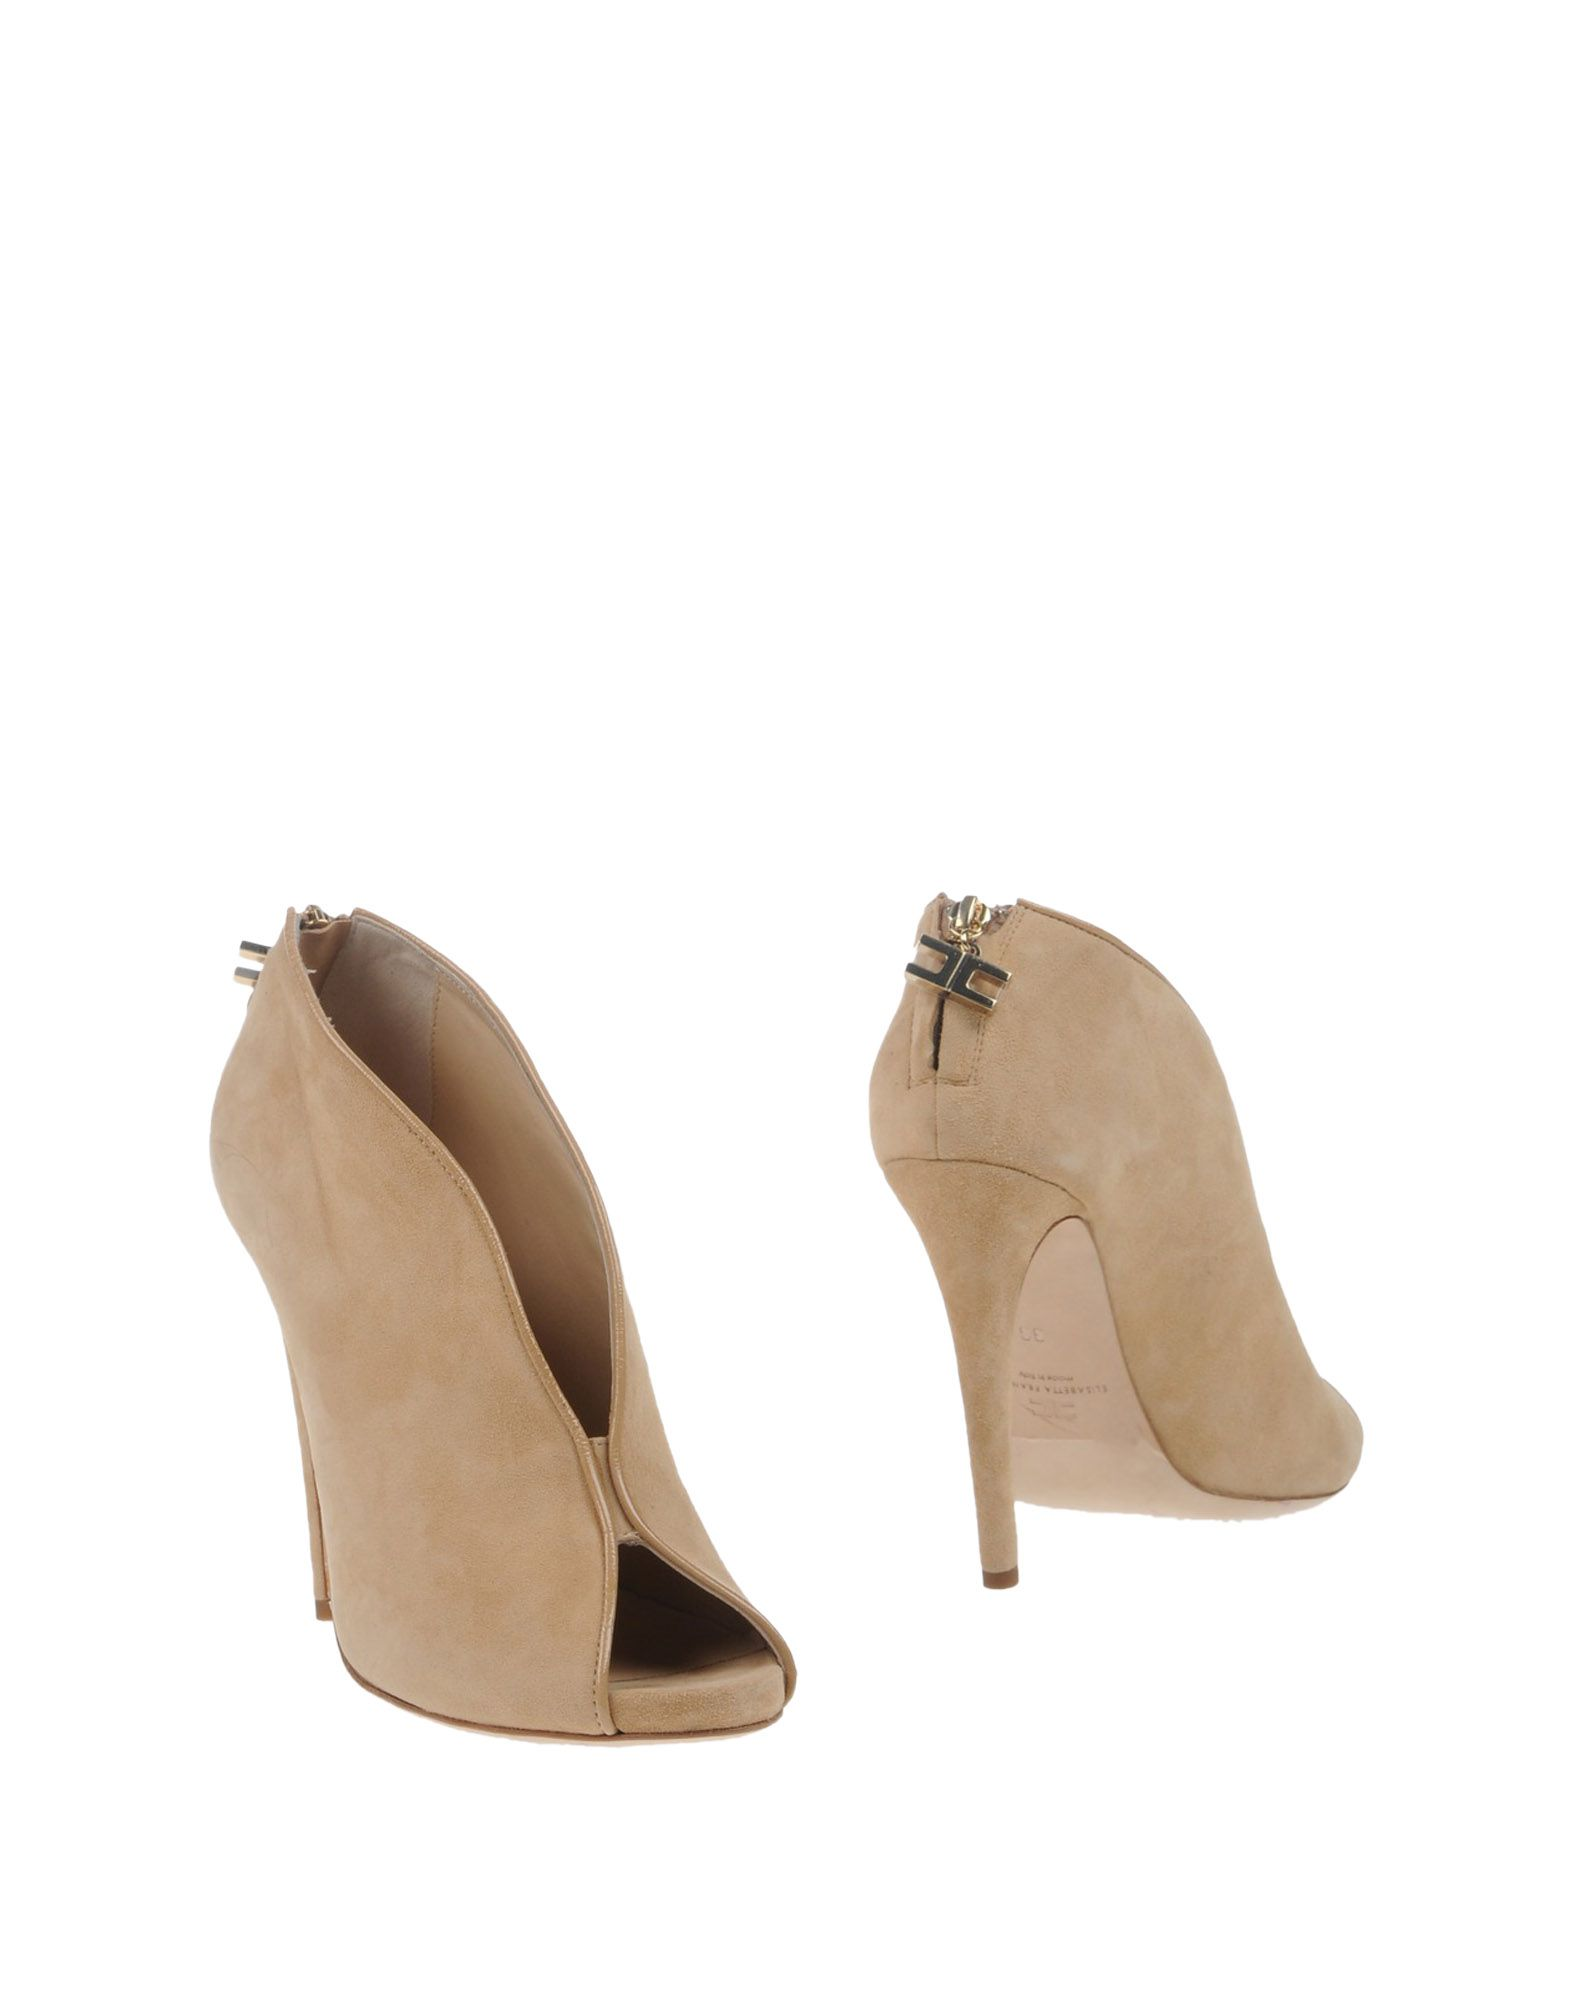 Elisabetta Franchi Ankle Boot - Women online Elisabetta Franchi Ankle Boots online Women on  Australia - 11246646QI 3fc2c2